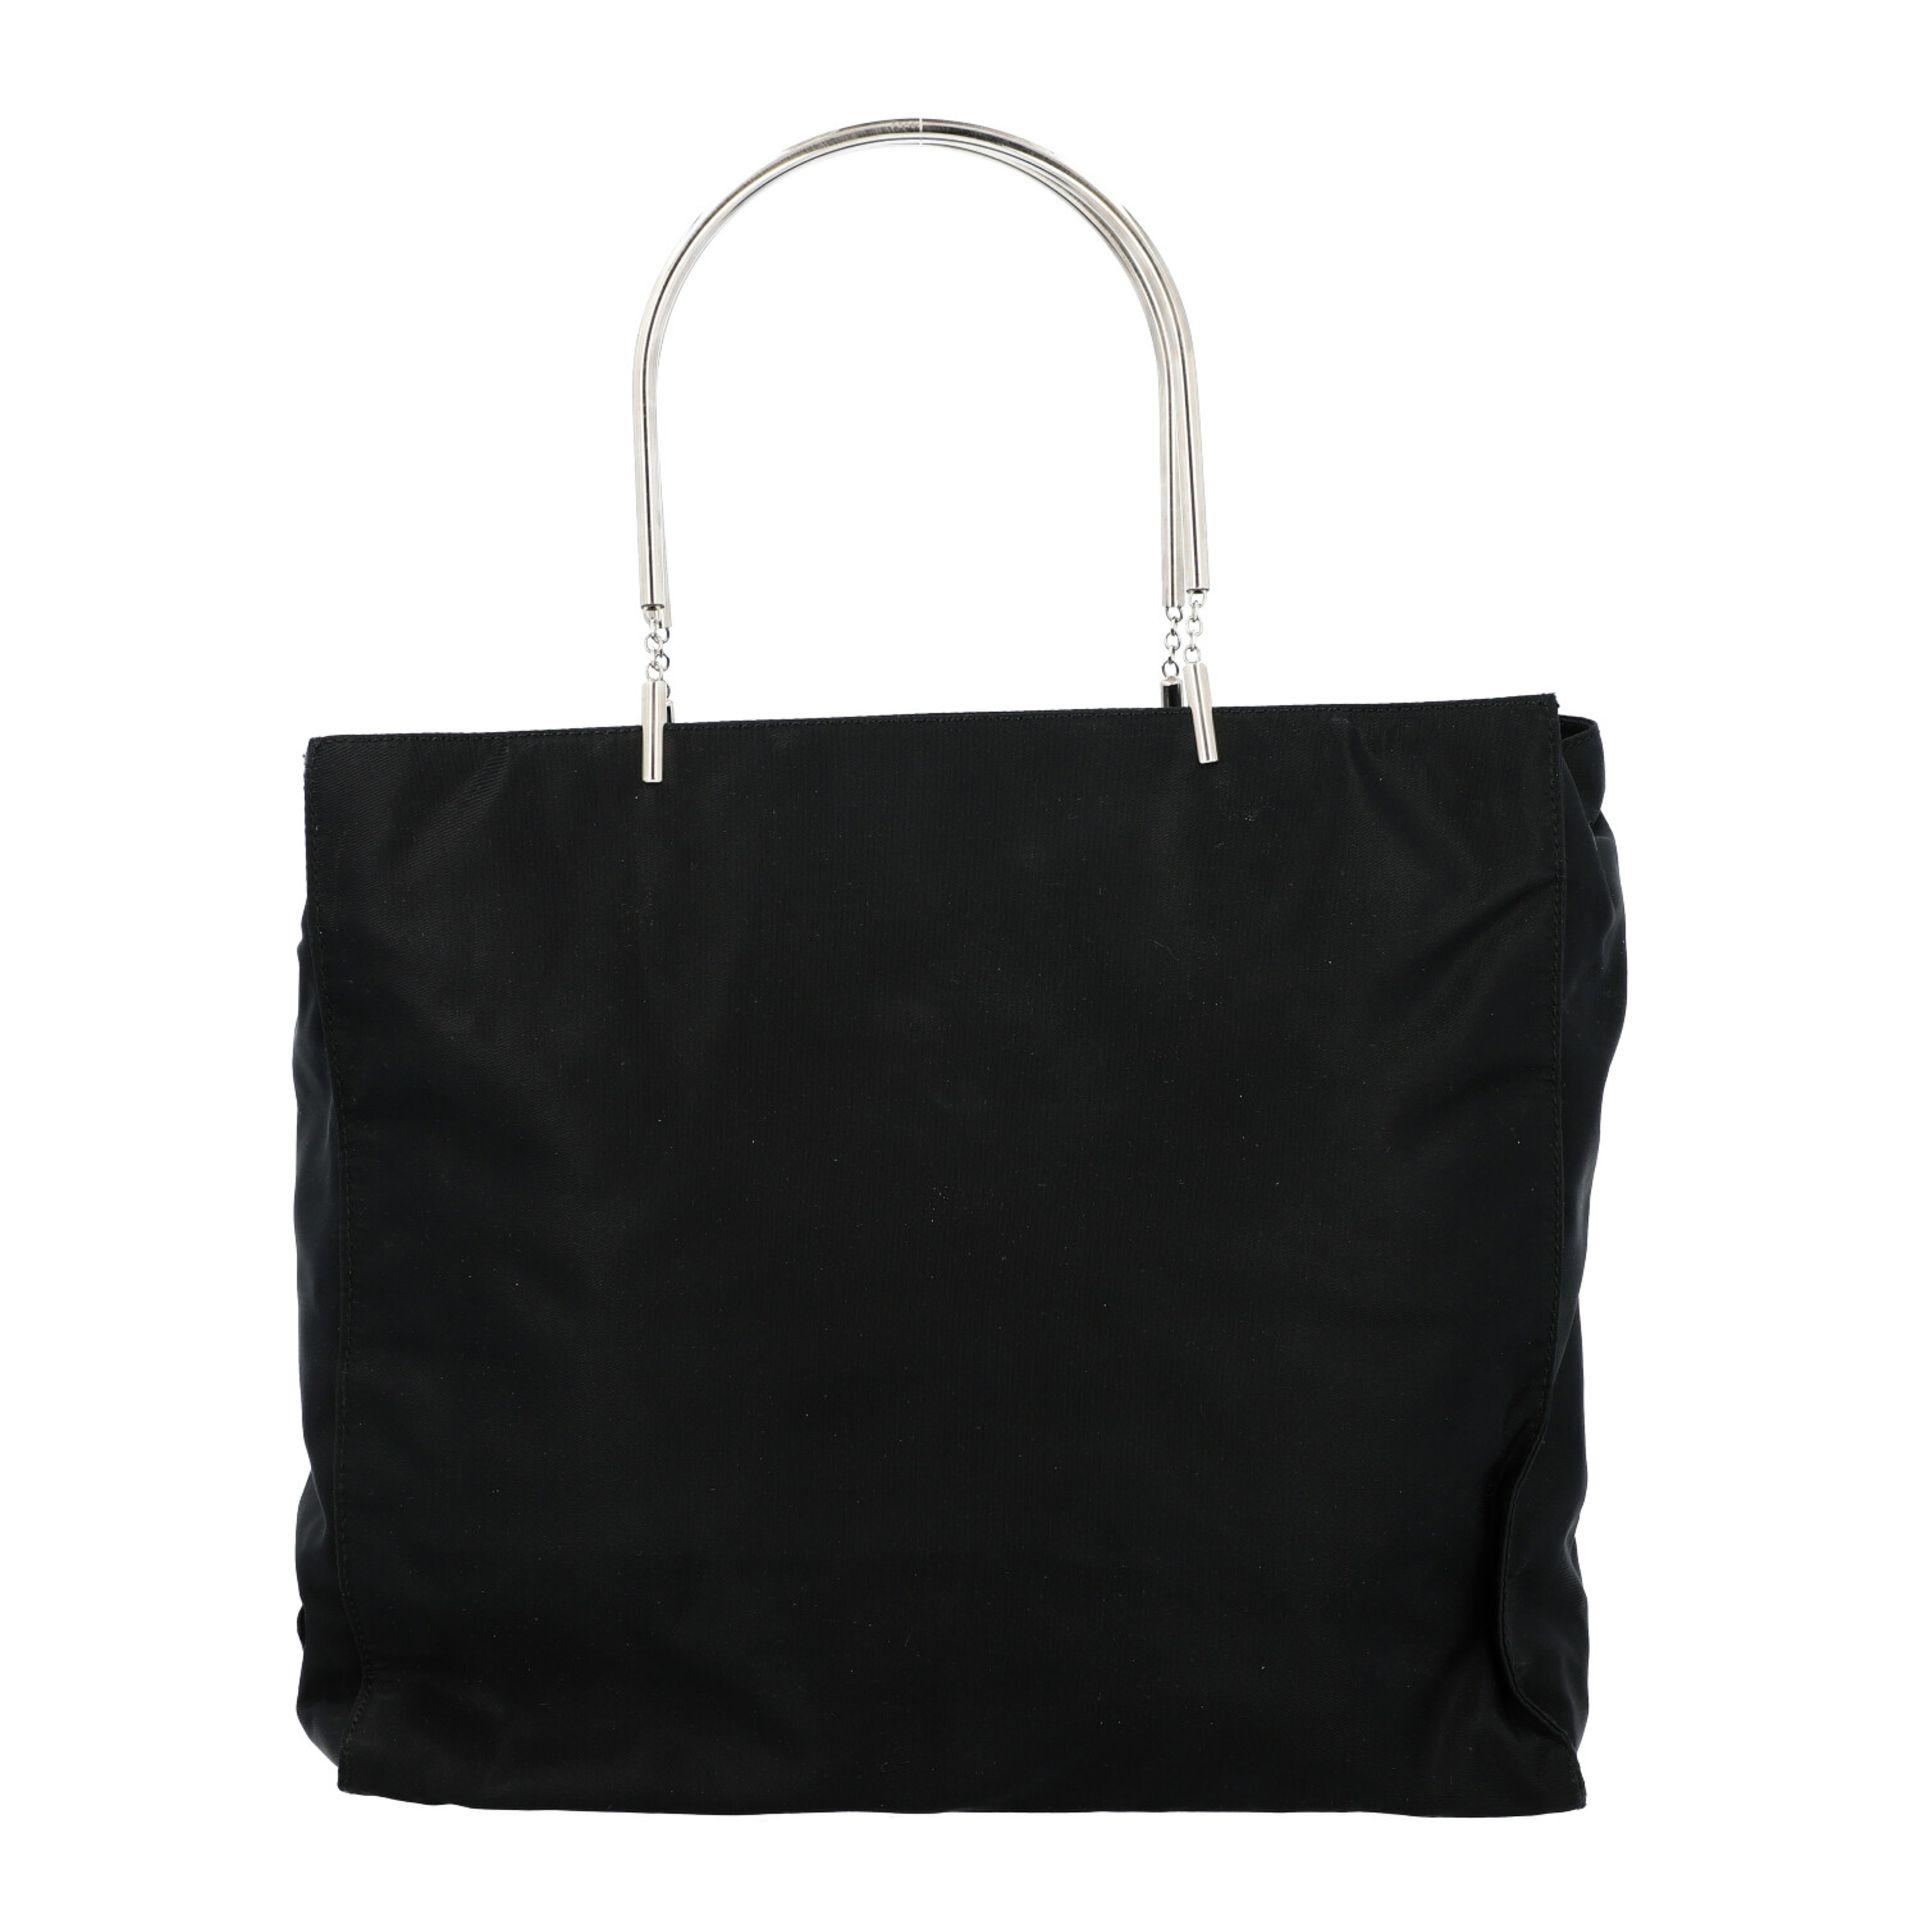 PRADA Henkeltasche. Modell aus schwarzem Nylon mit silberfarbenen Doppelhenkln aus Met